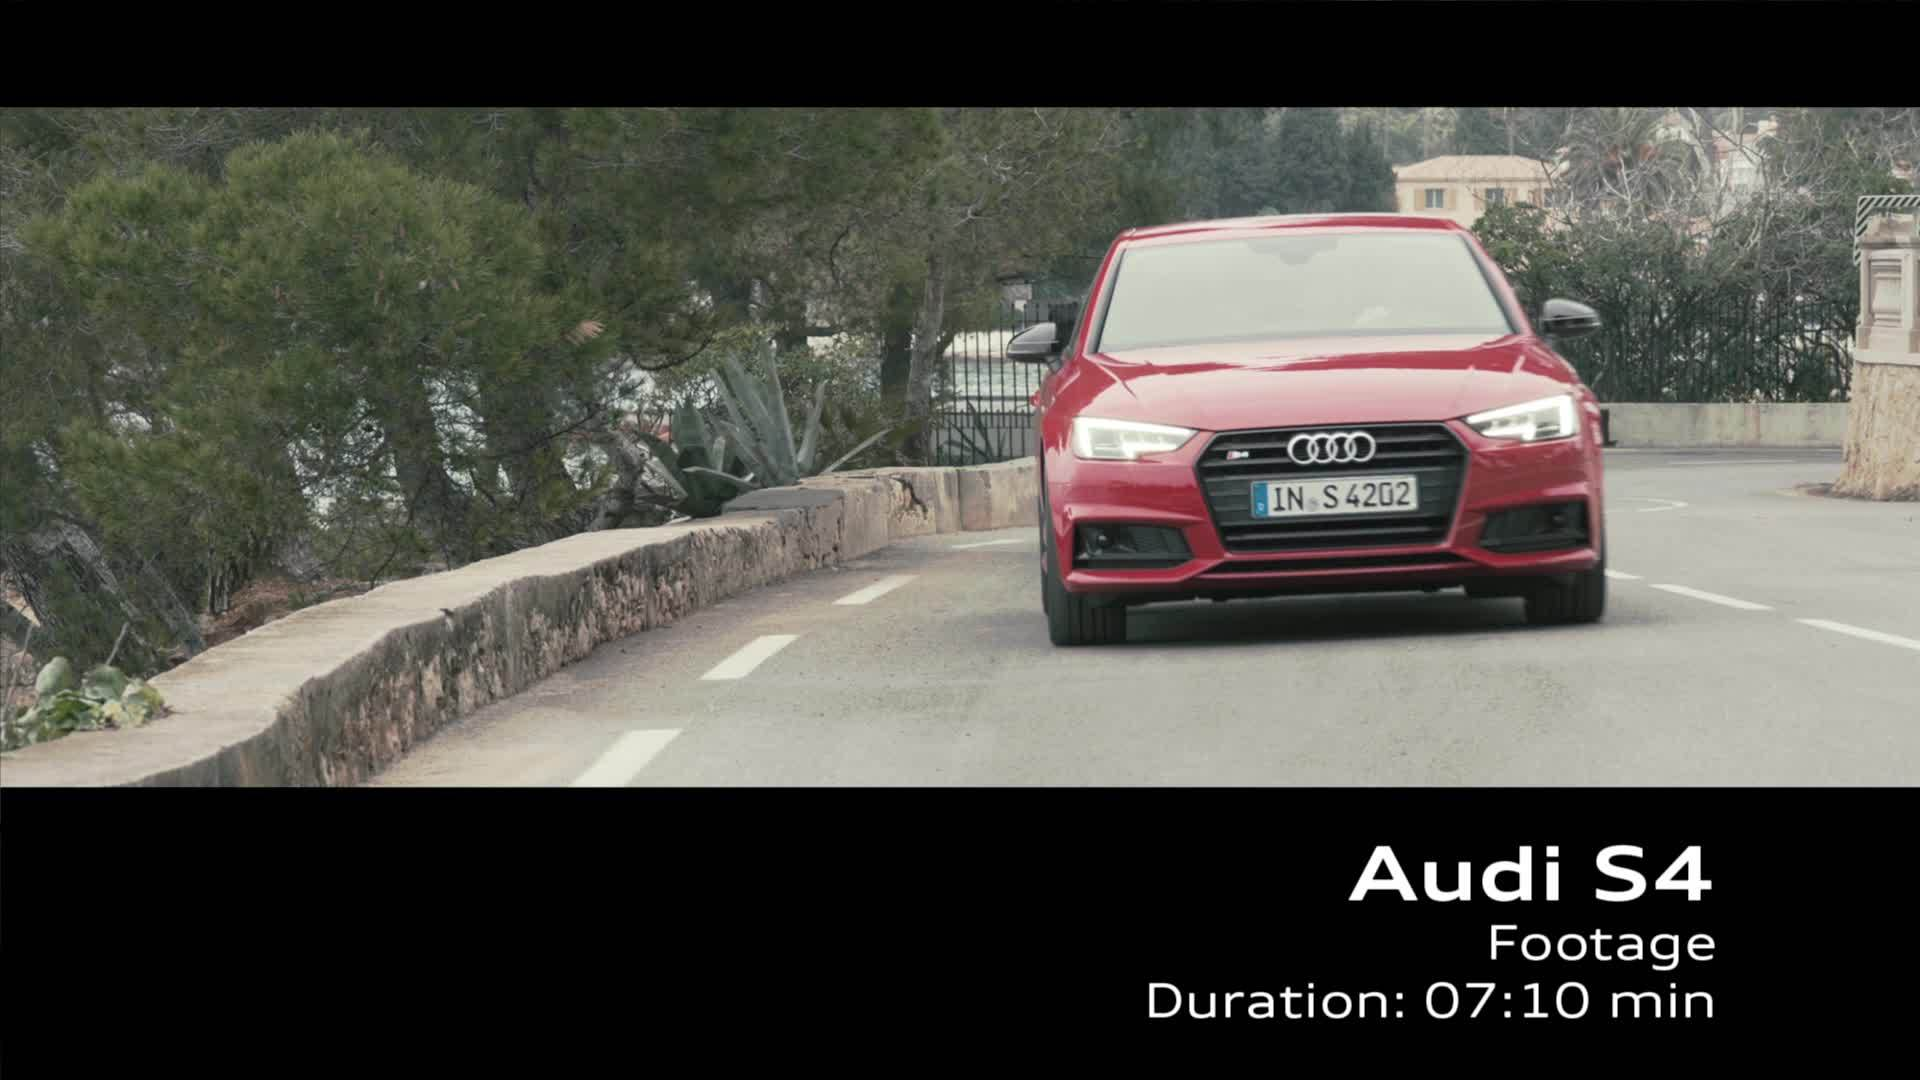 Audi S4 Sedan (2016) – Footage